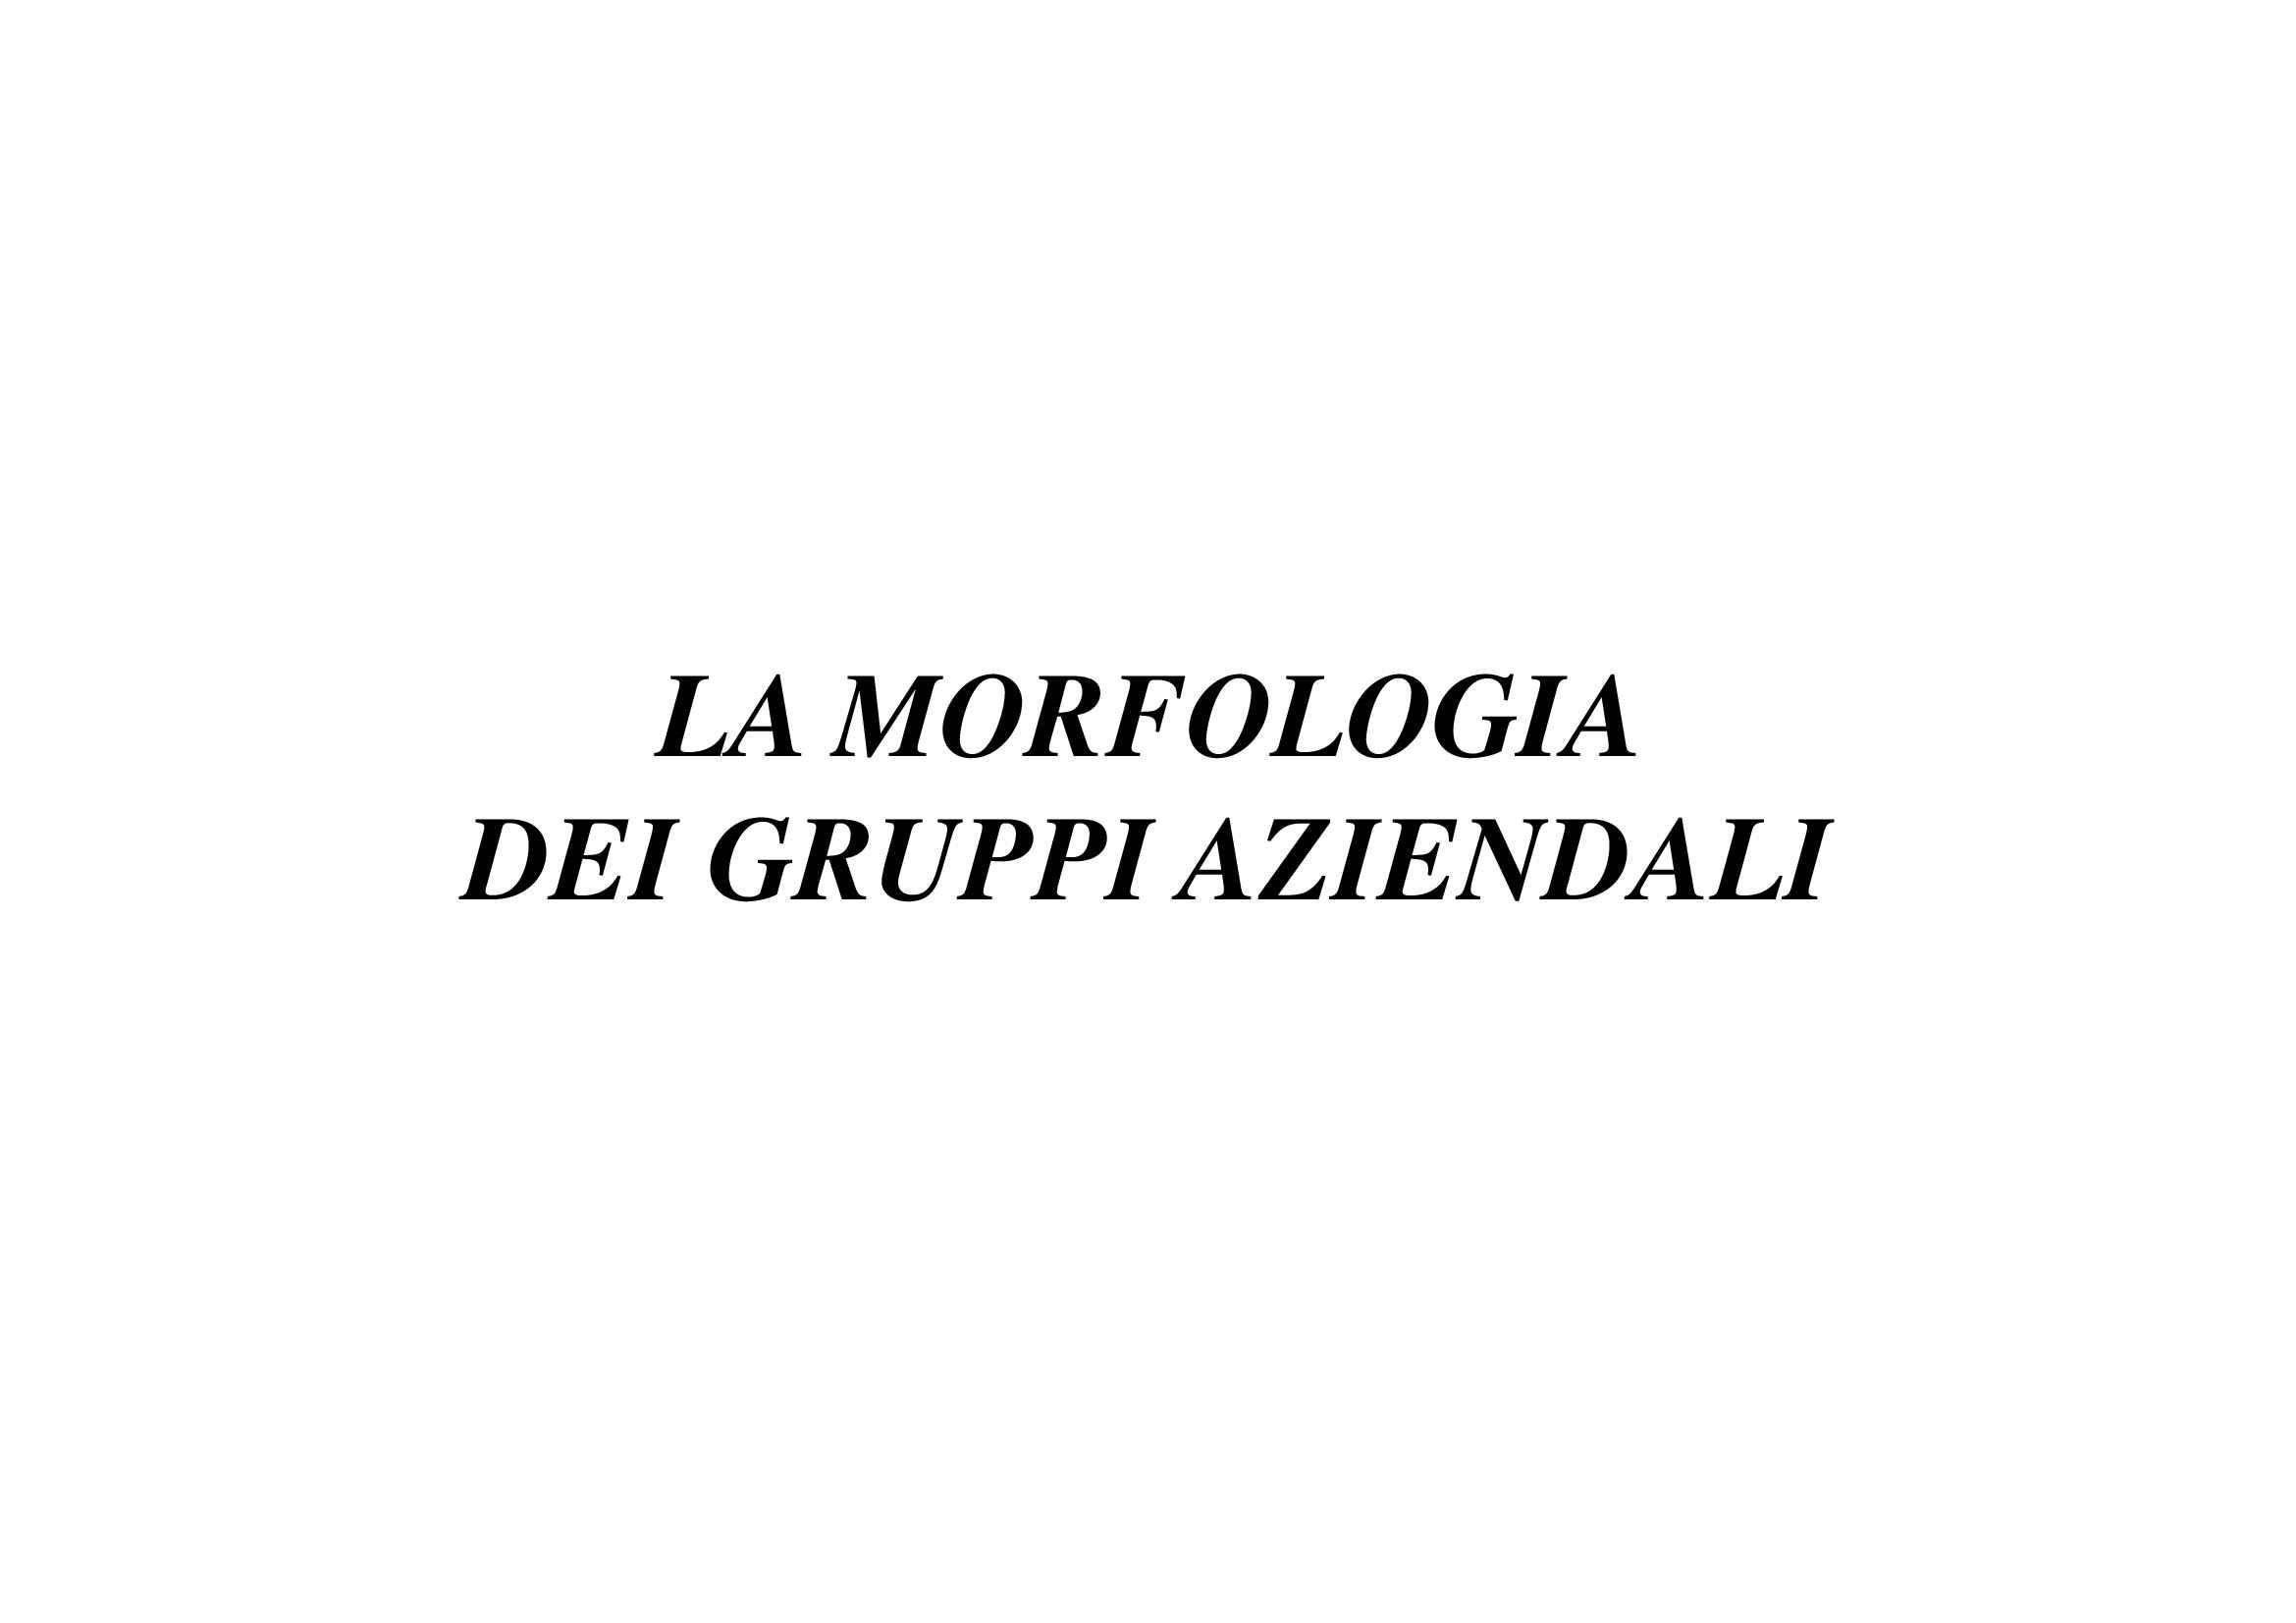 Gruppi aziendali - Morfologia